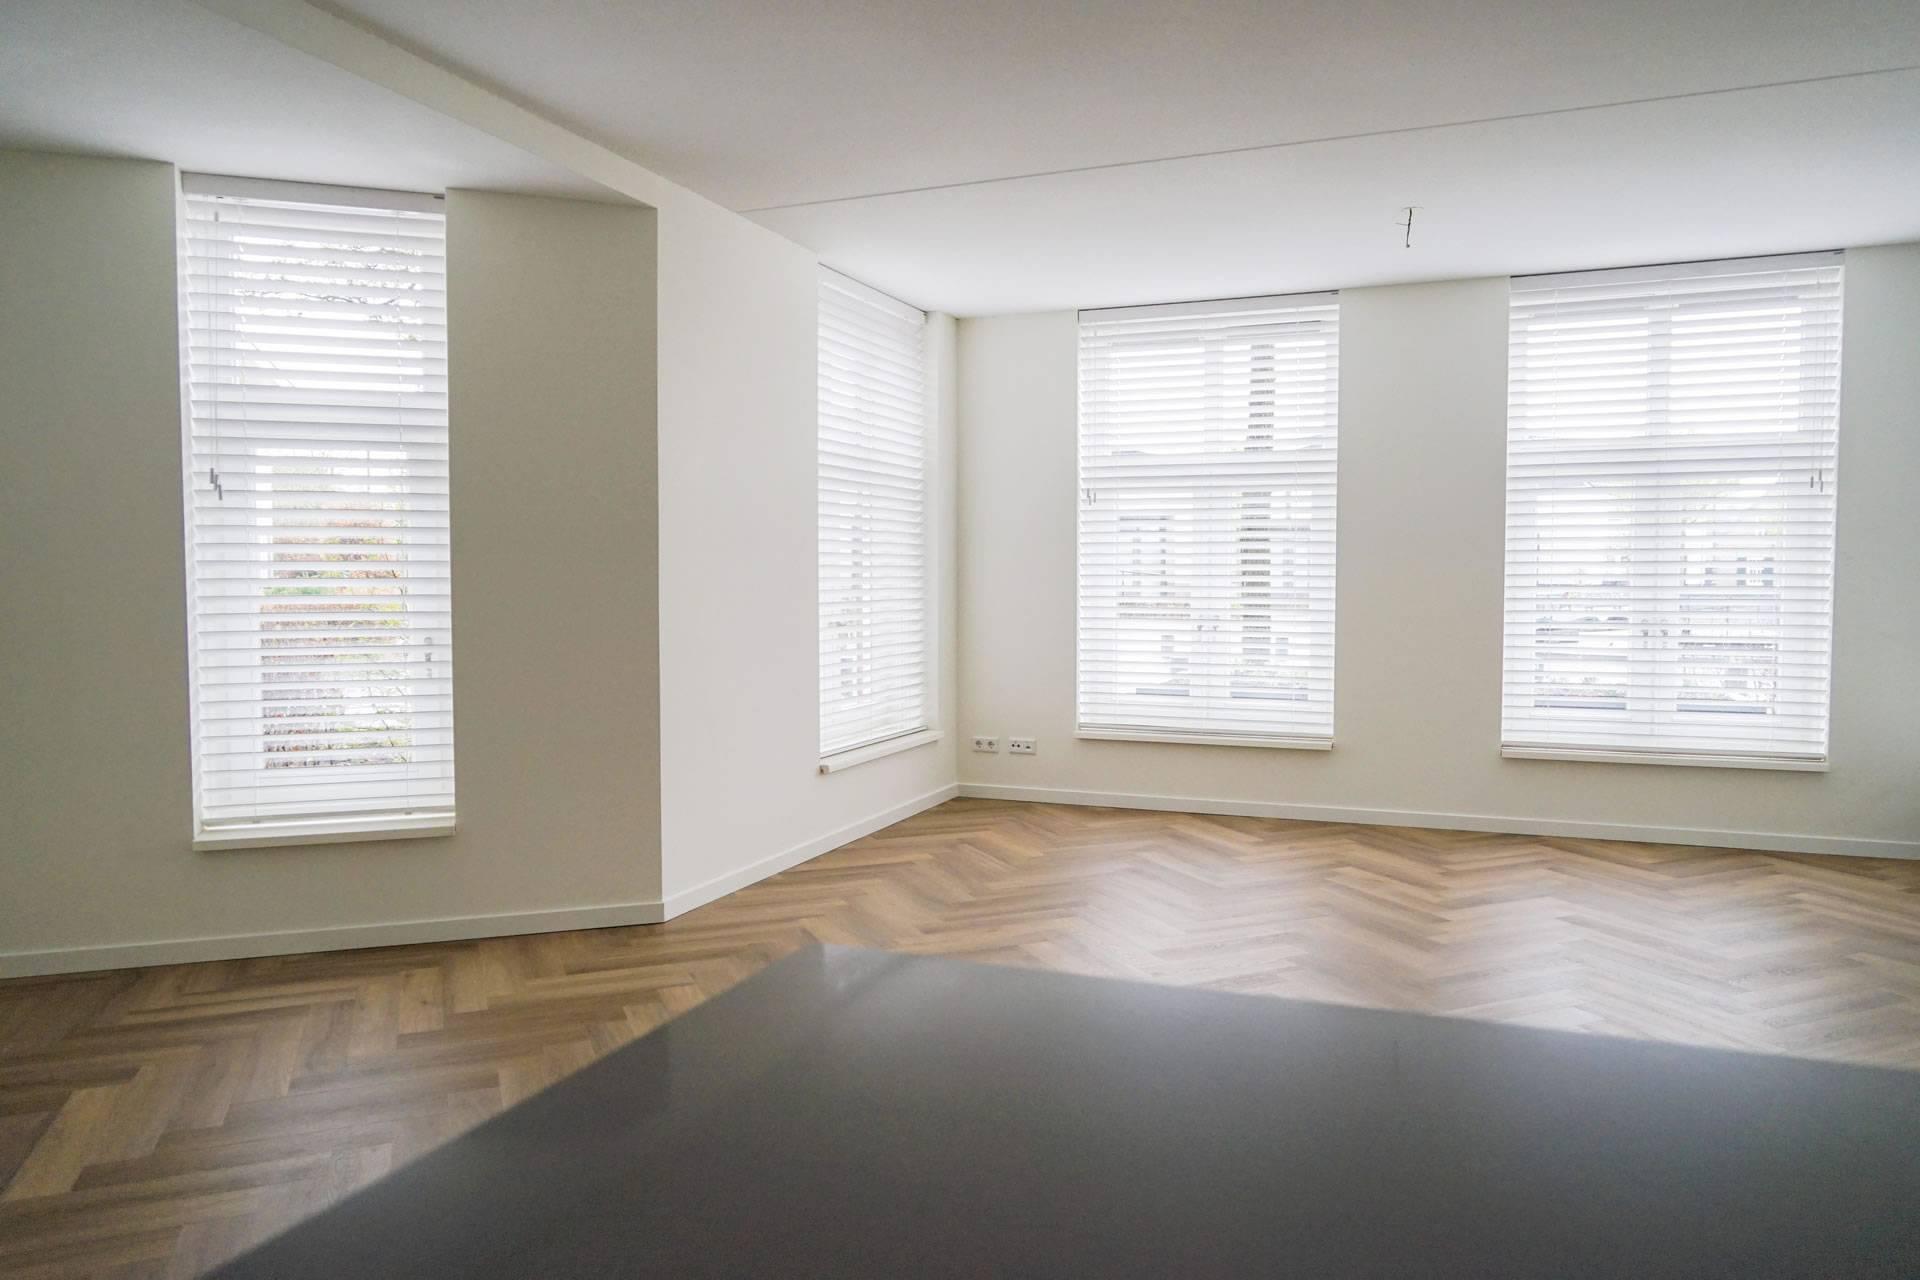 Verouden Bouwbedrijf - 6 luxe nieuwbouw appartementen - 50 - DSC05247